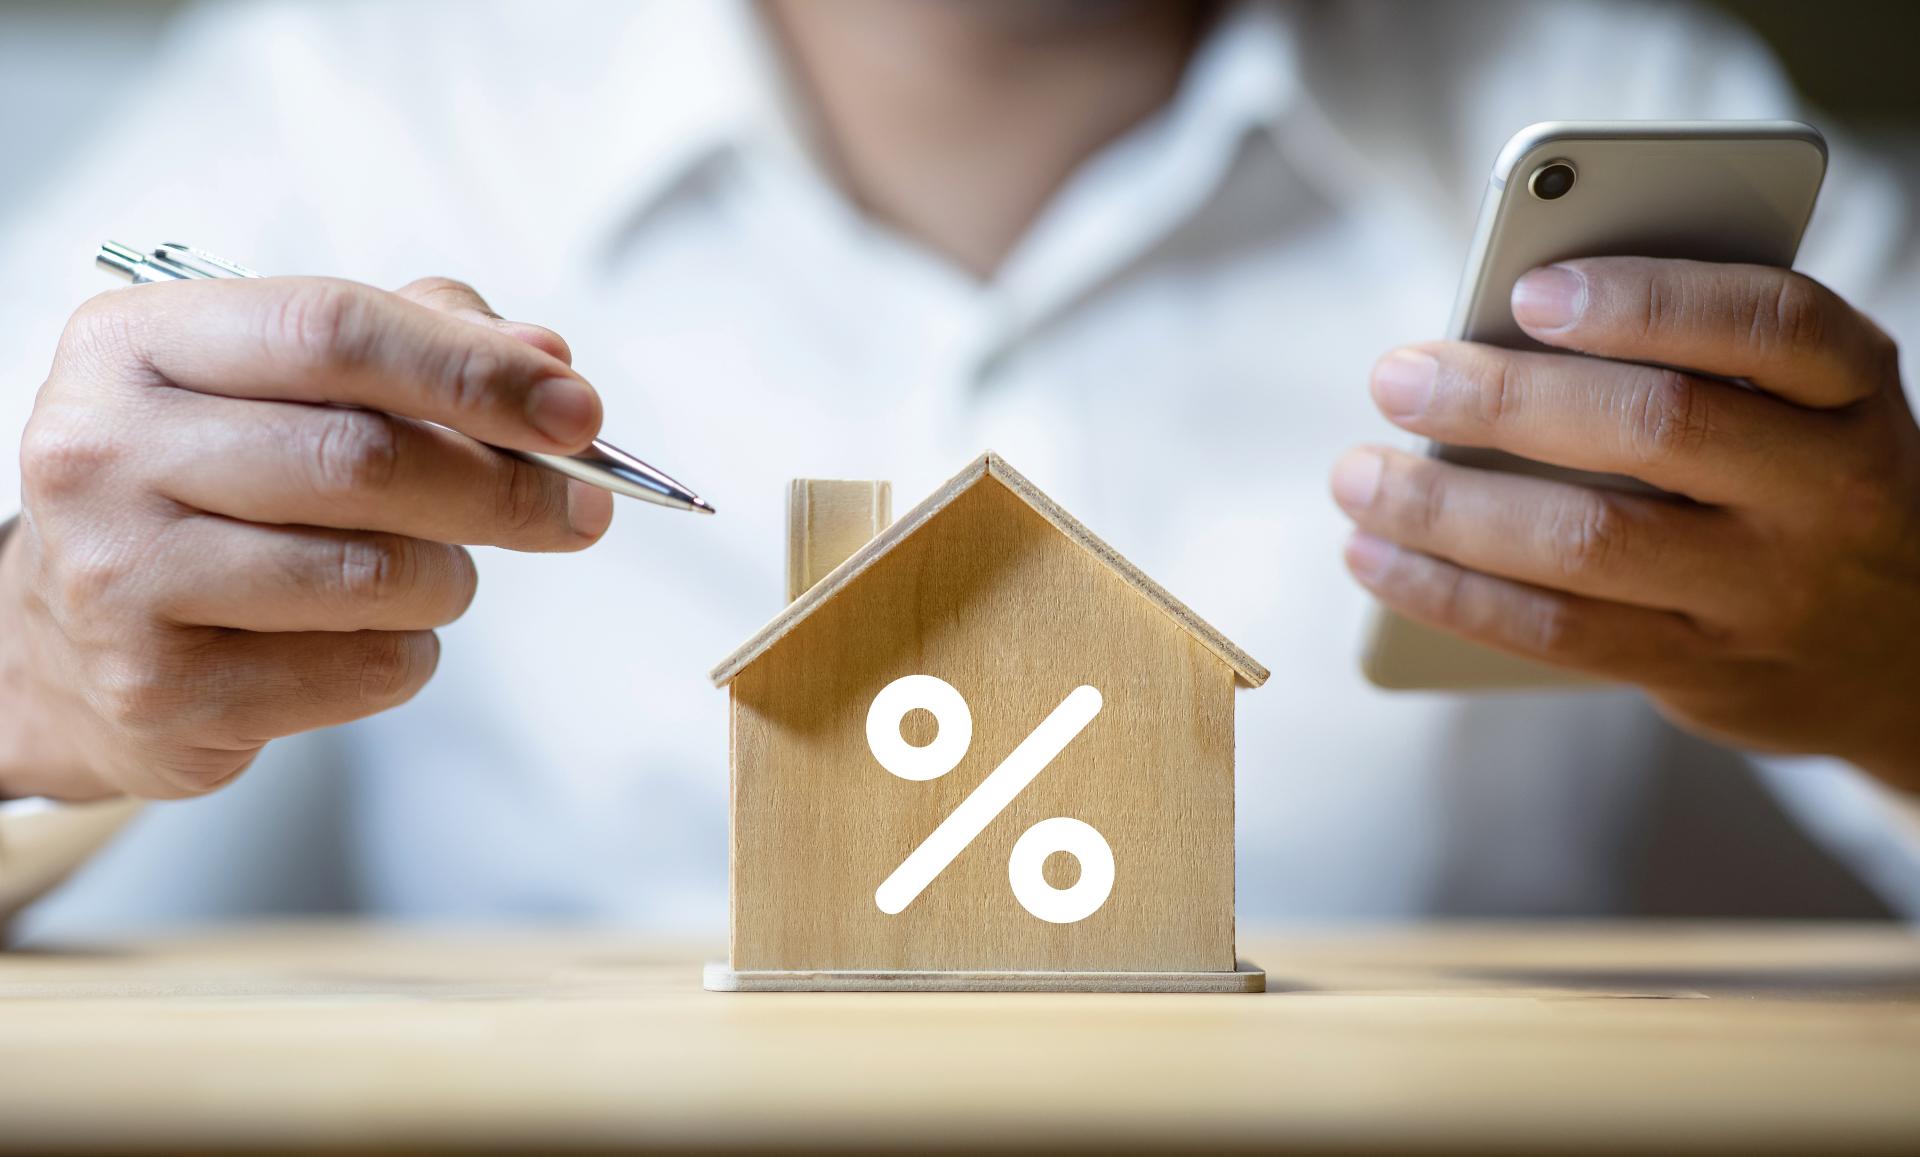 Средняя доходность инвестиций в ликвидные новостройки, приобретенные на старте продаж, — около 10% в год